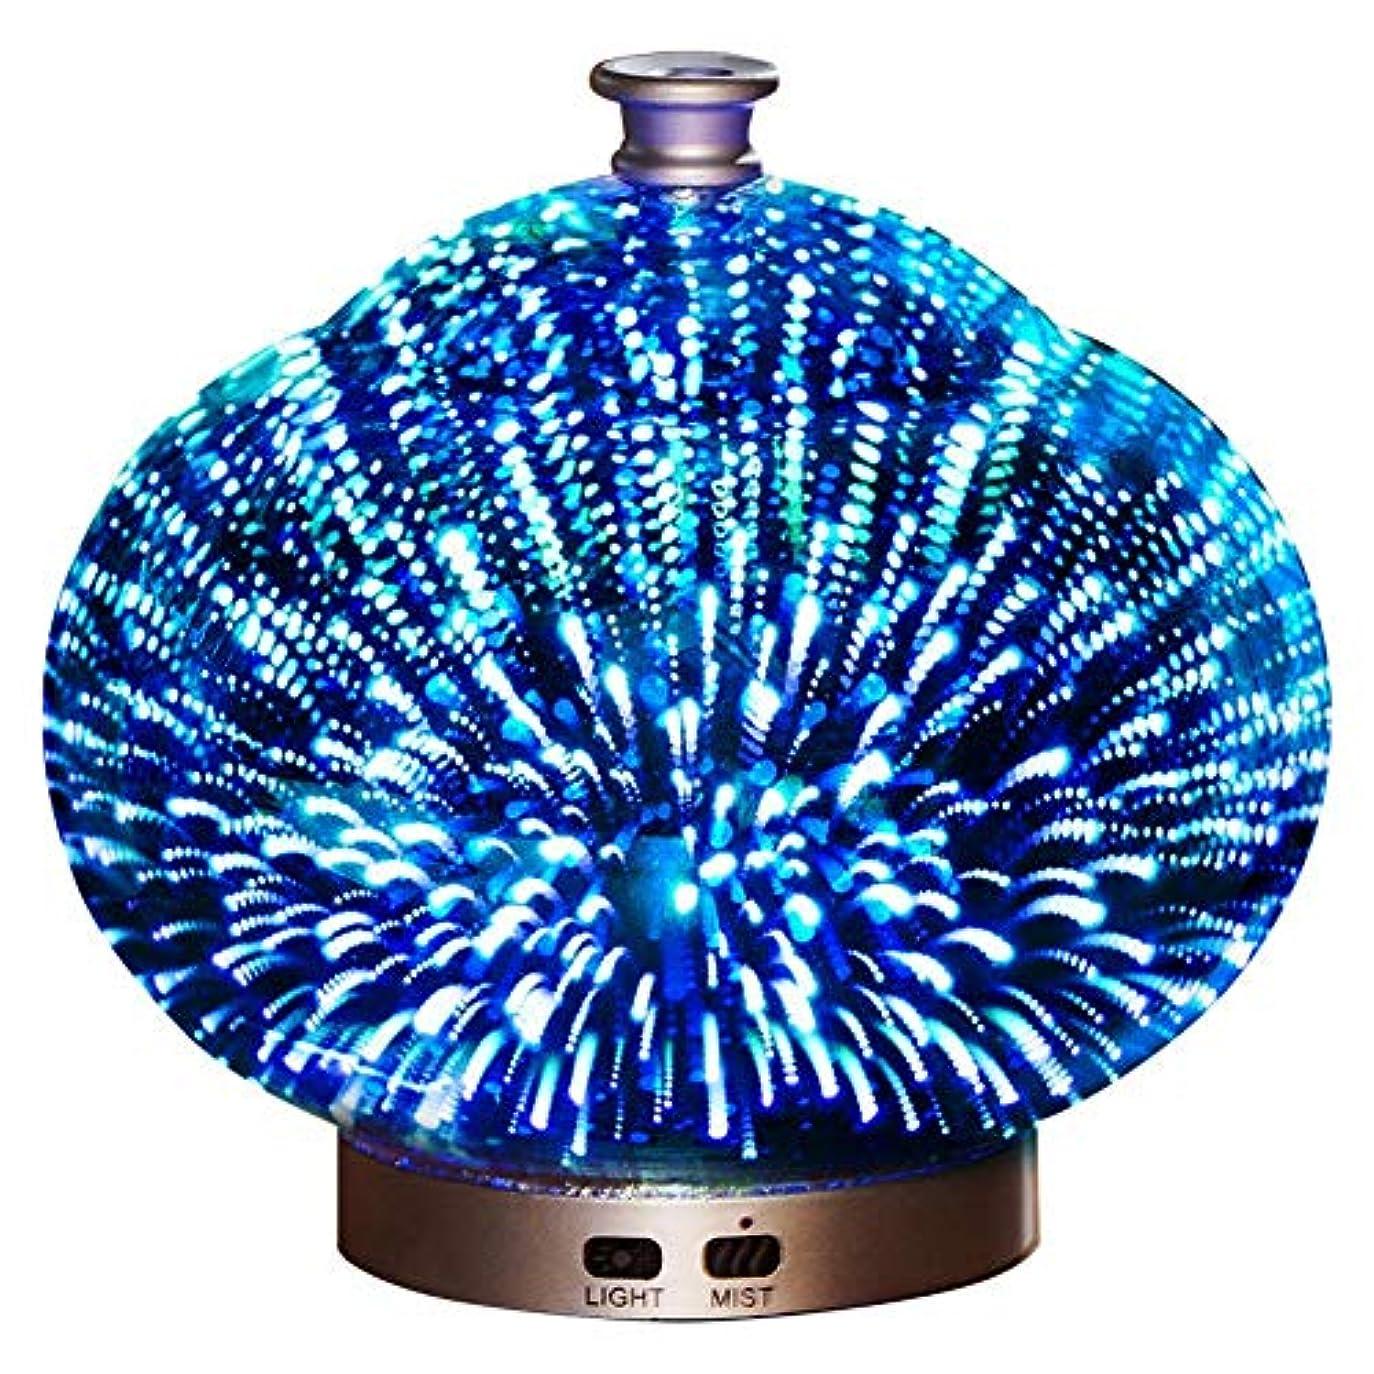 紛争プーノ無3 D ガラス 精油 ディフューザー, 超音波式 クールミスト アロマディフューザー ホーム ミュート 加湿機 の ベッド オフィス Yoga-a